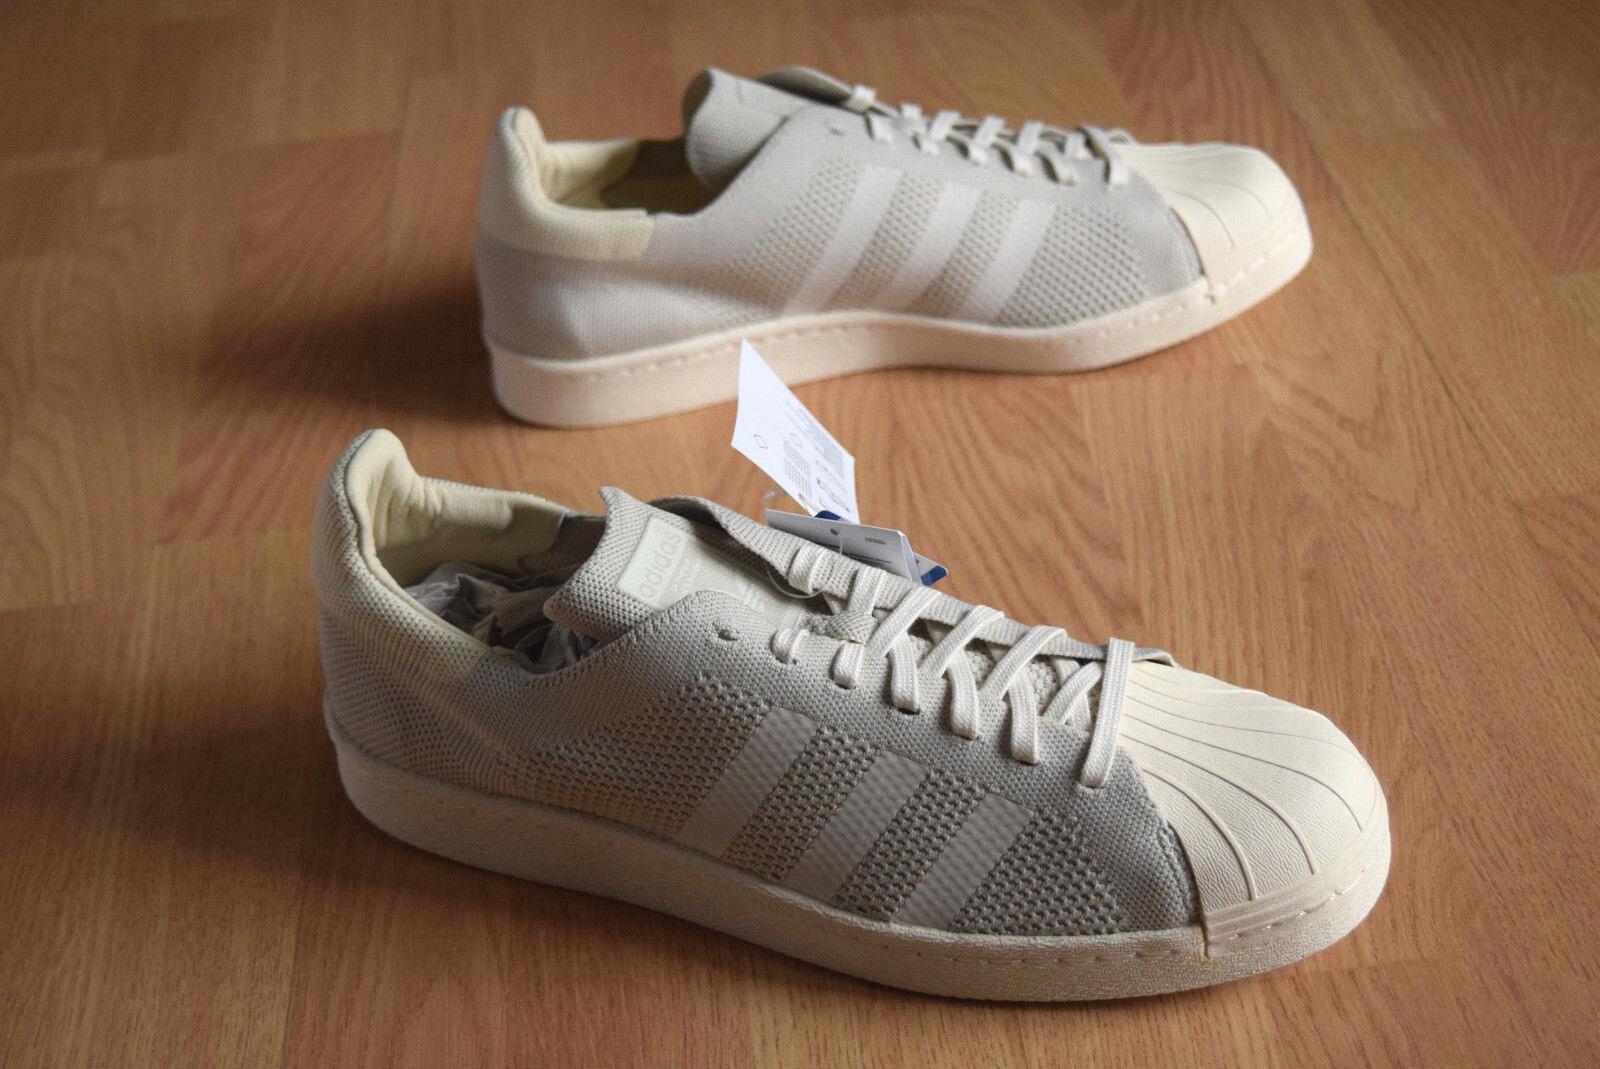 adidas Superstar 80's PK 43 44,5 46  suPeRsTaR stan smith gazelle campus S75671